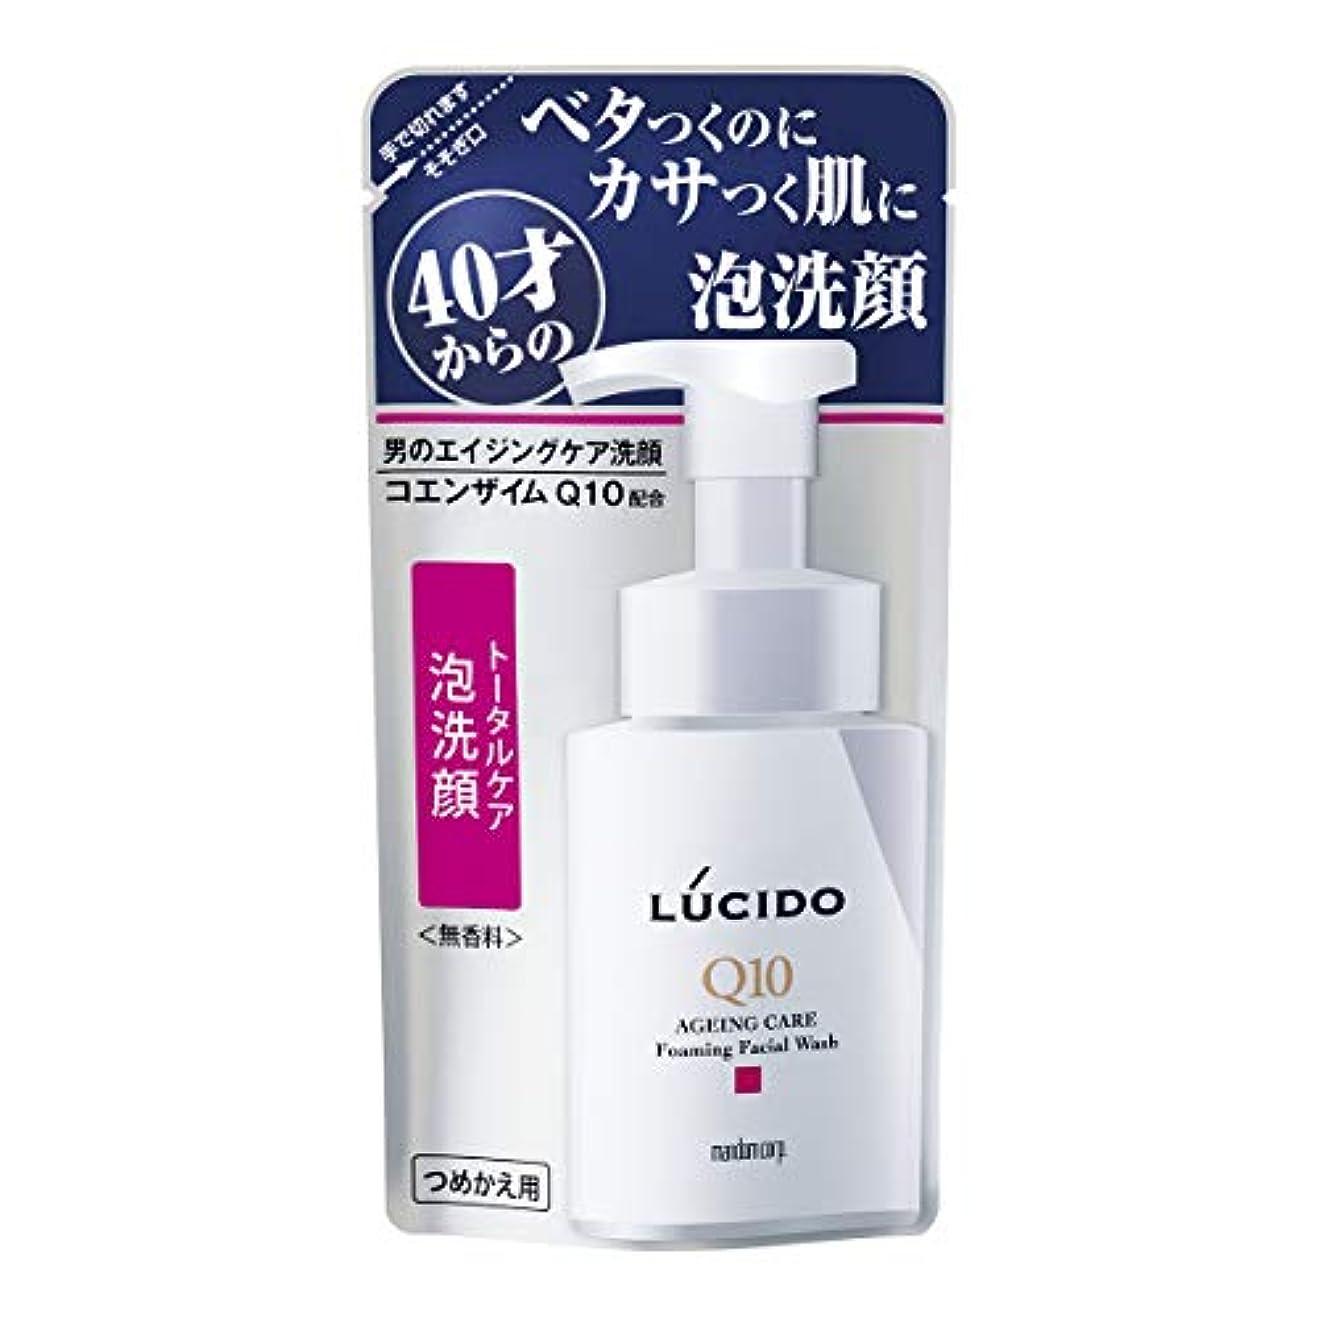 メロディーラフ束ねるLUCIDO(ルシード) トータルケア泡洗顔 つめかえ用 Q10 130mL